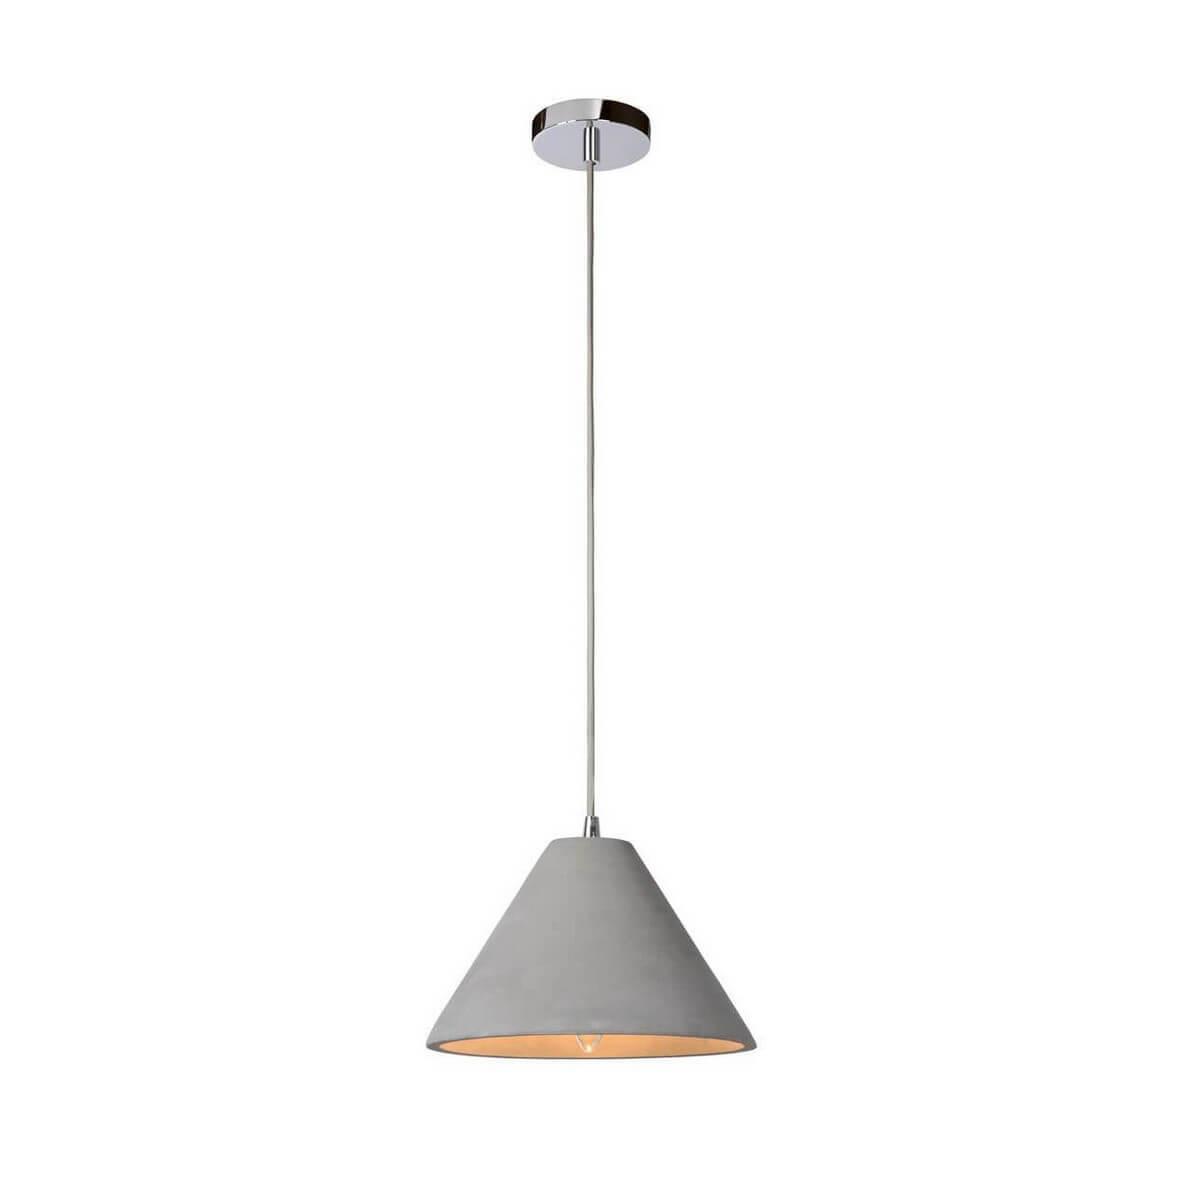 Подвесной светильник Lucide Solo 34404/25/41 цены